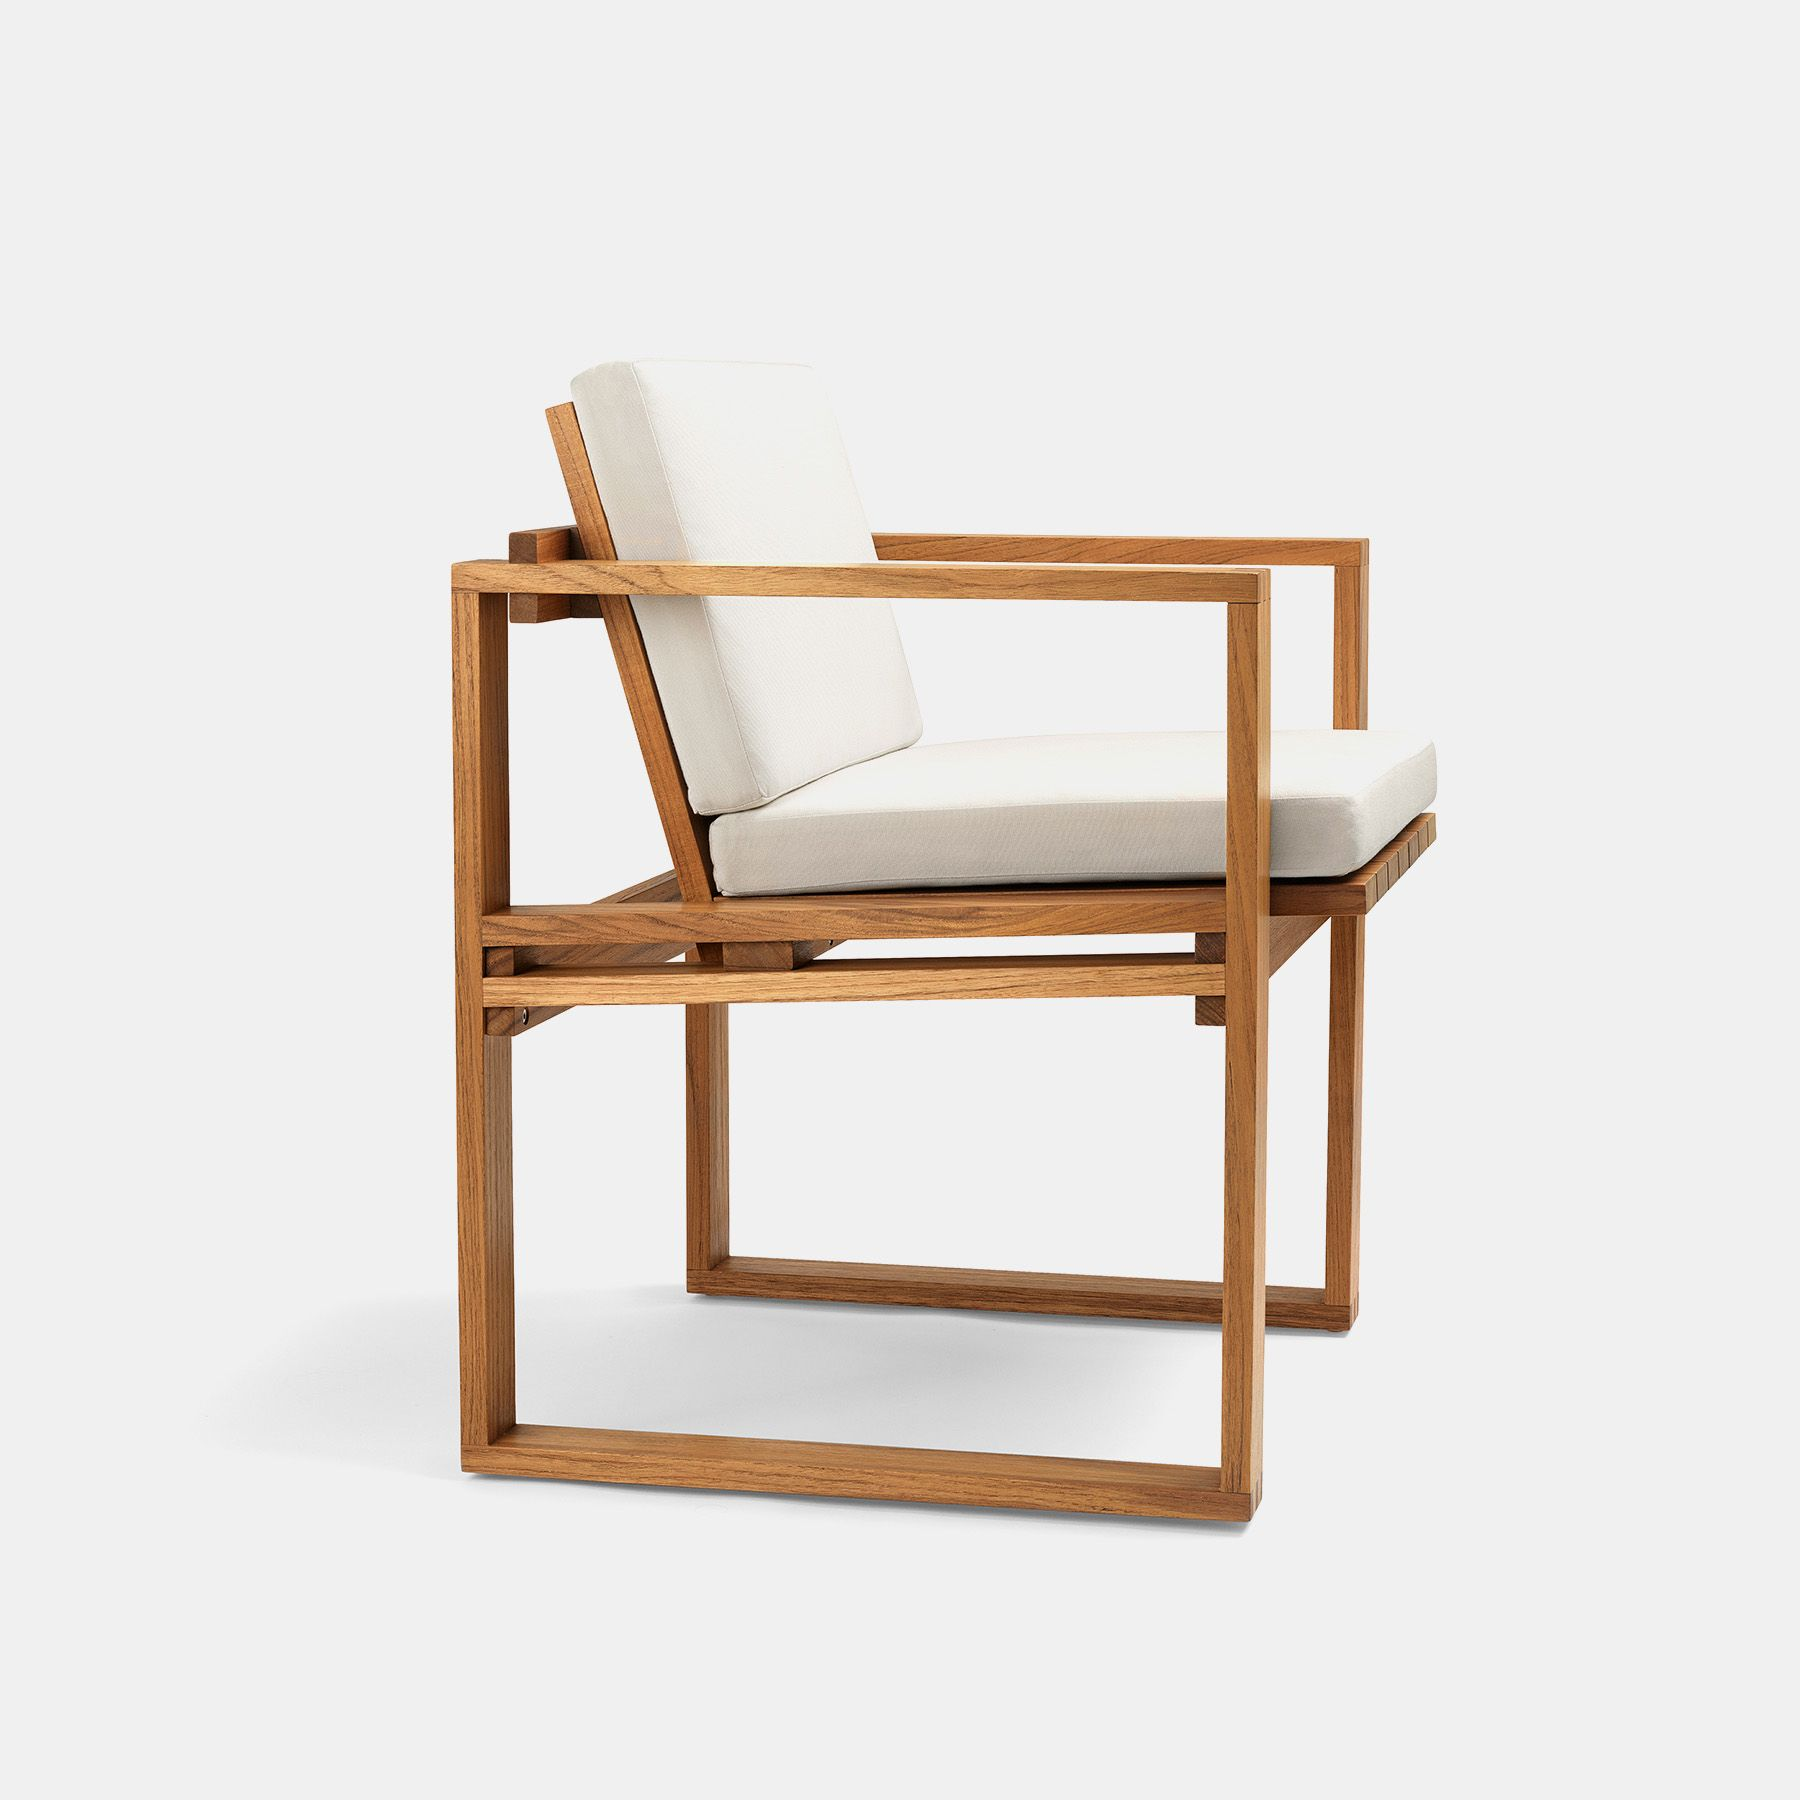 Bodilkjaer Indooroutdoordiningchairupholstered Packshot Furniture Furniture Design Furniture Details